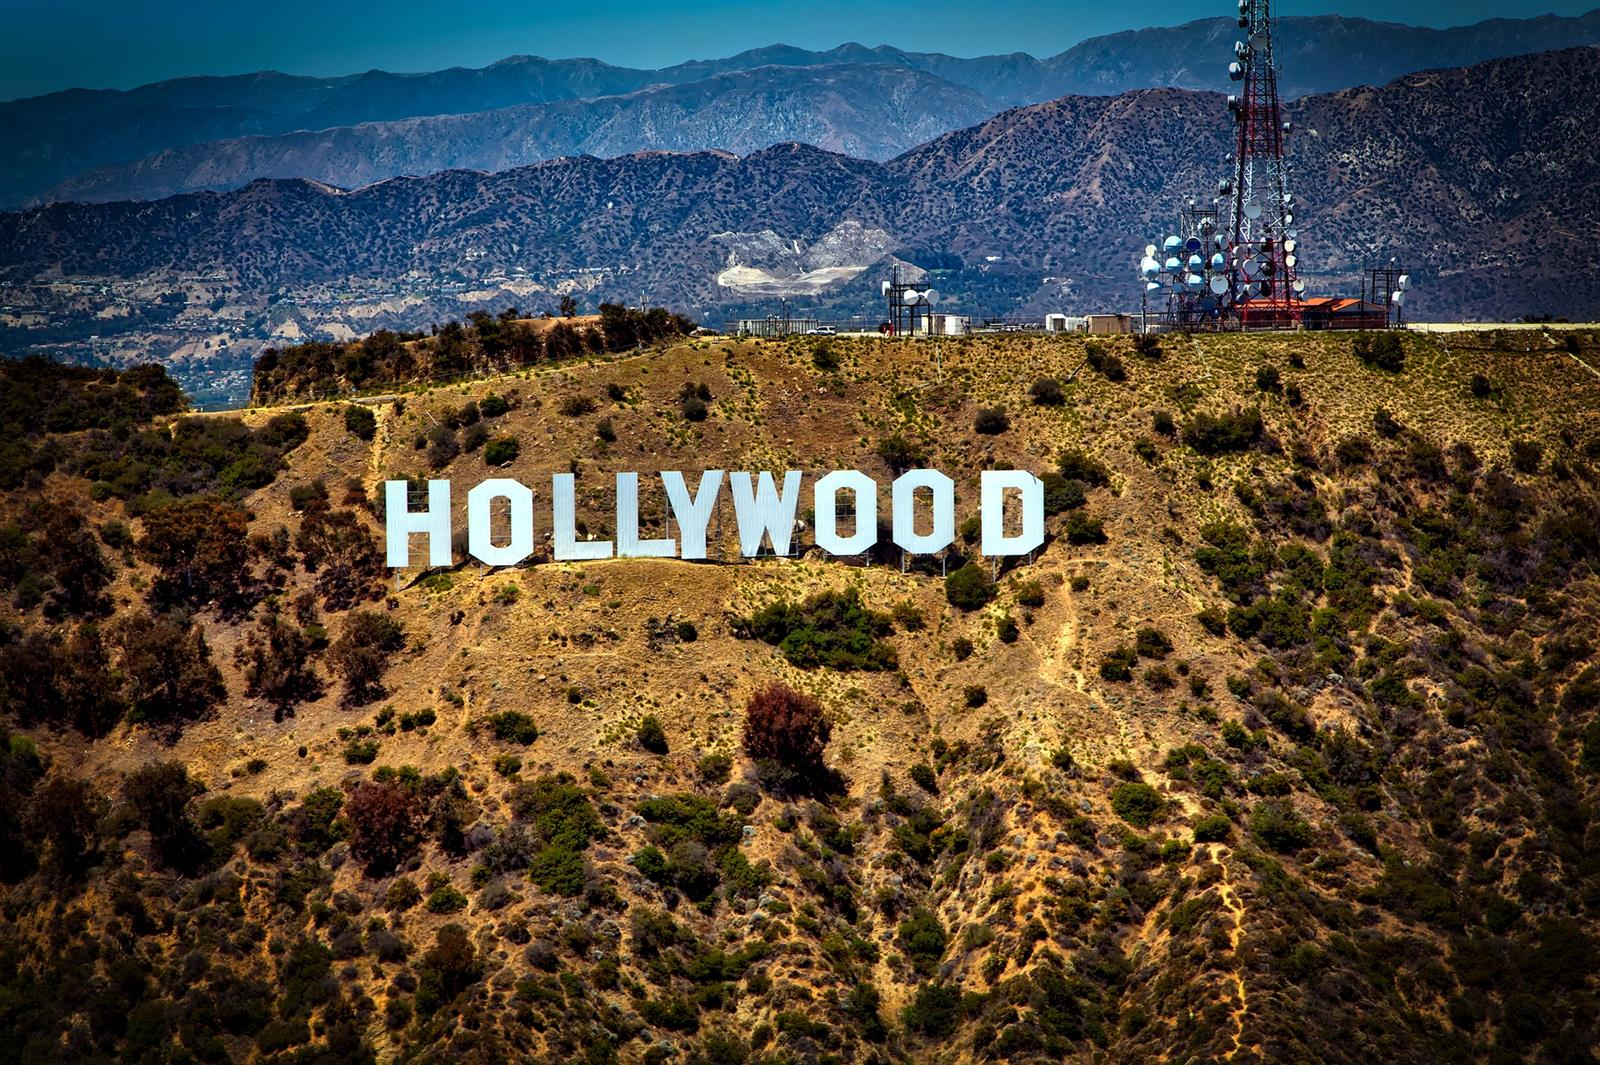 ברוכים הבאים להוליווד, לוס אנג'לס. בטיושל של דיסקוברי טיול עולמי נבקר גם באולפני אוניברסל